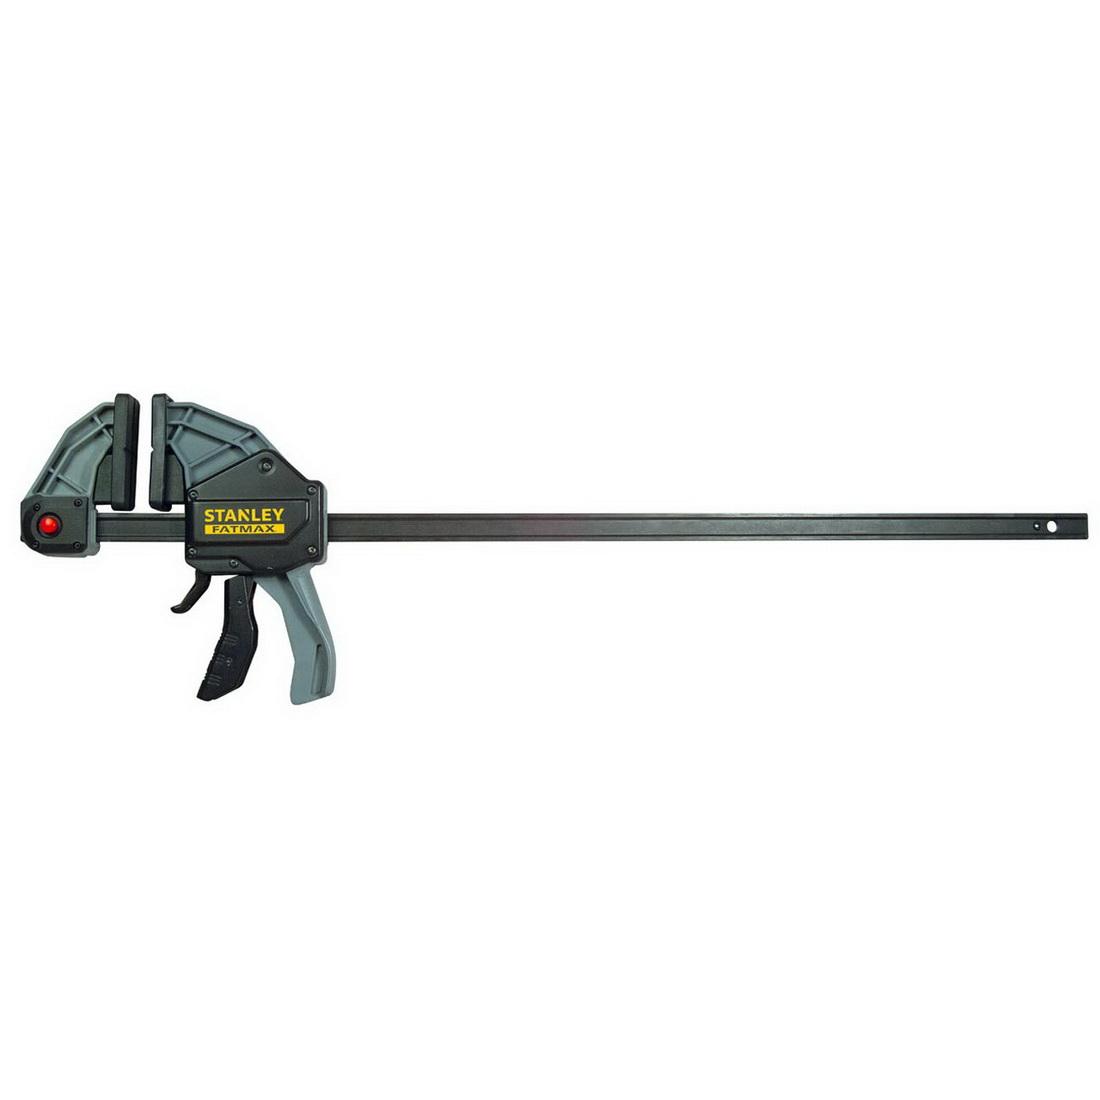 Fatmax XL 600mm Trigger Bar Clamp